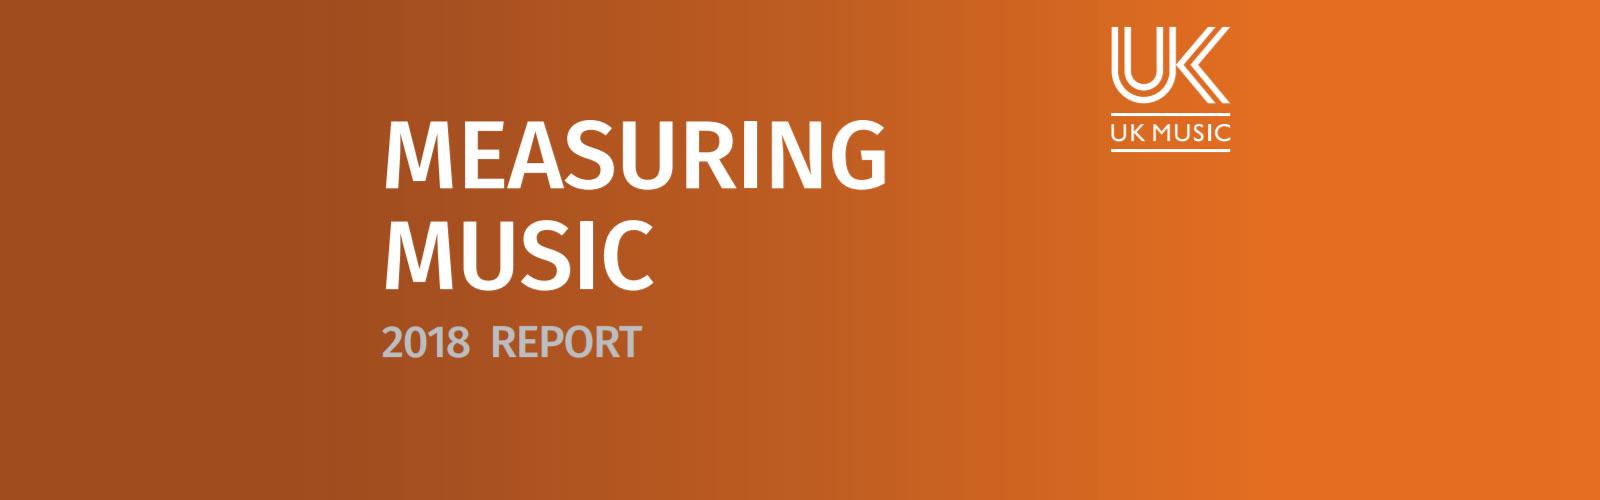 measuring-music-2018